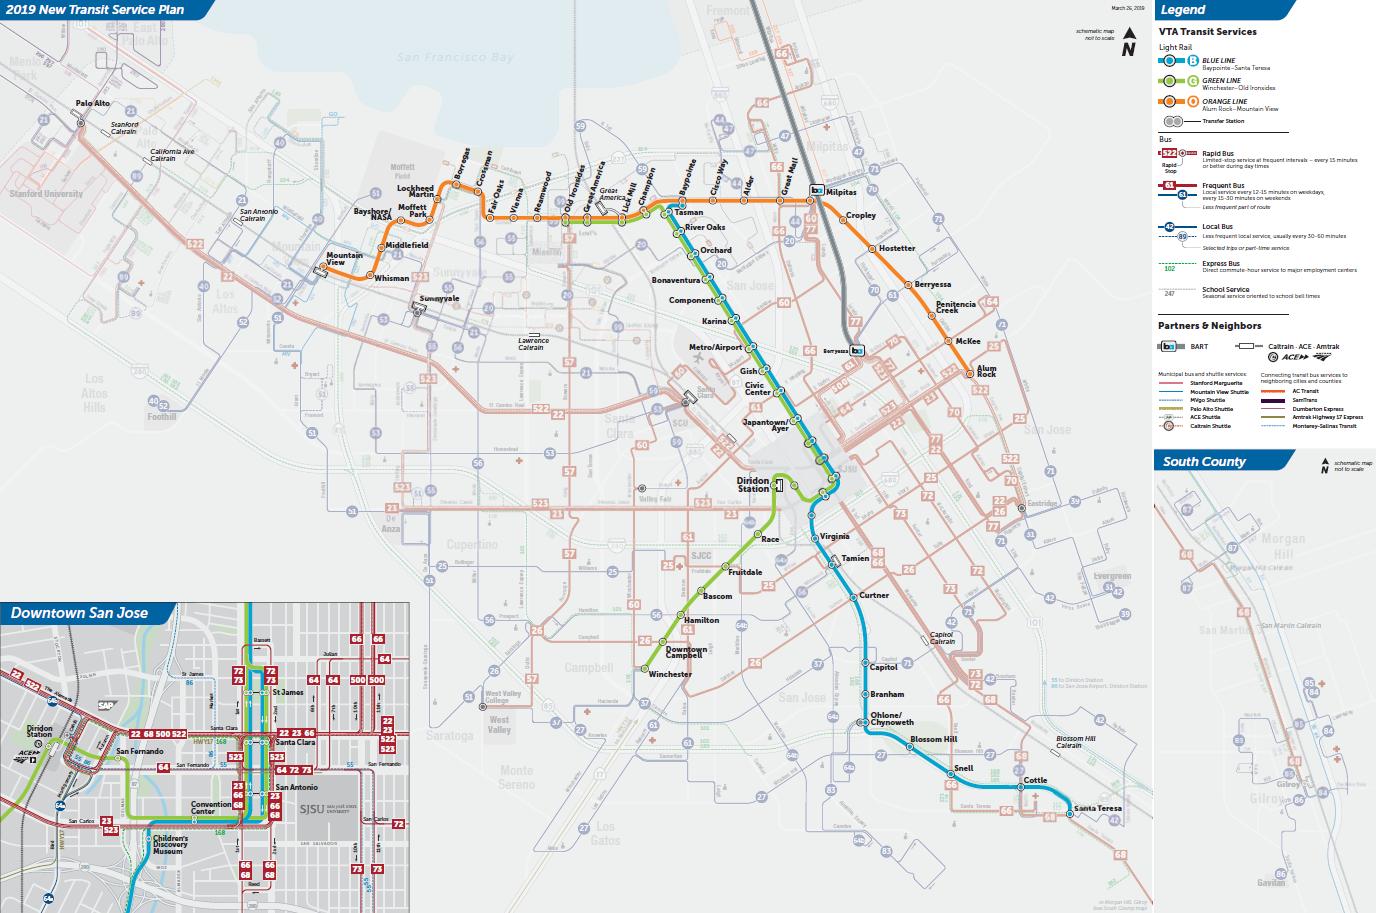 2019公共交通服務新計畫最終版本輕軌地圖  (PDF)